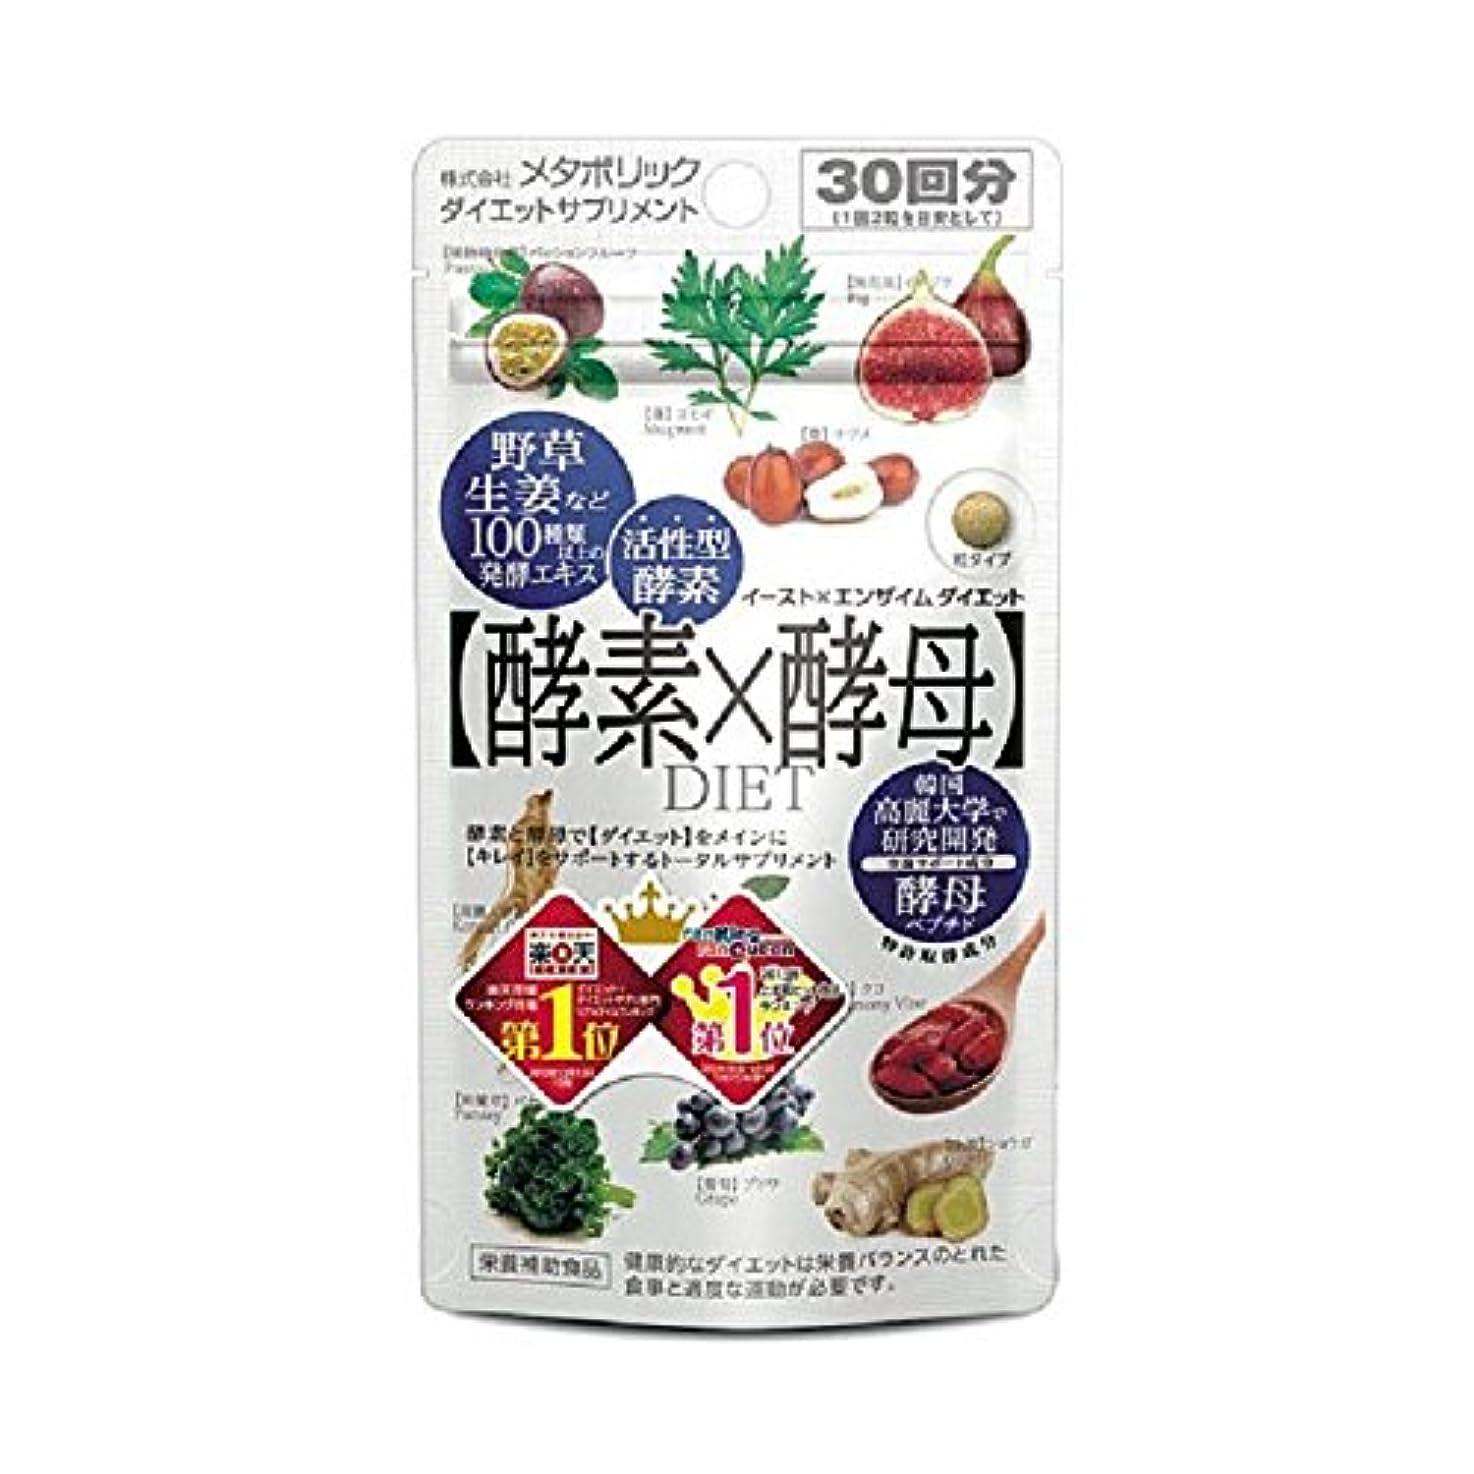 微妙サイト独裁酵素×酵母 イースト×エンザイムダイエット 60粒×5個セット